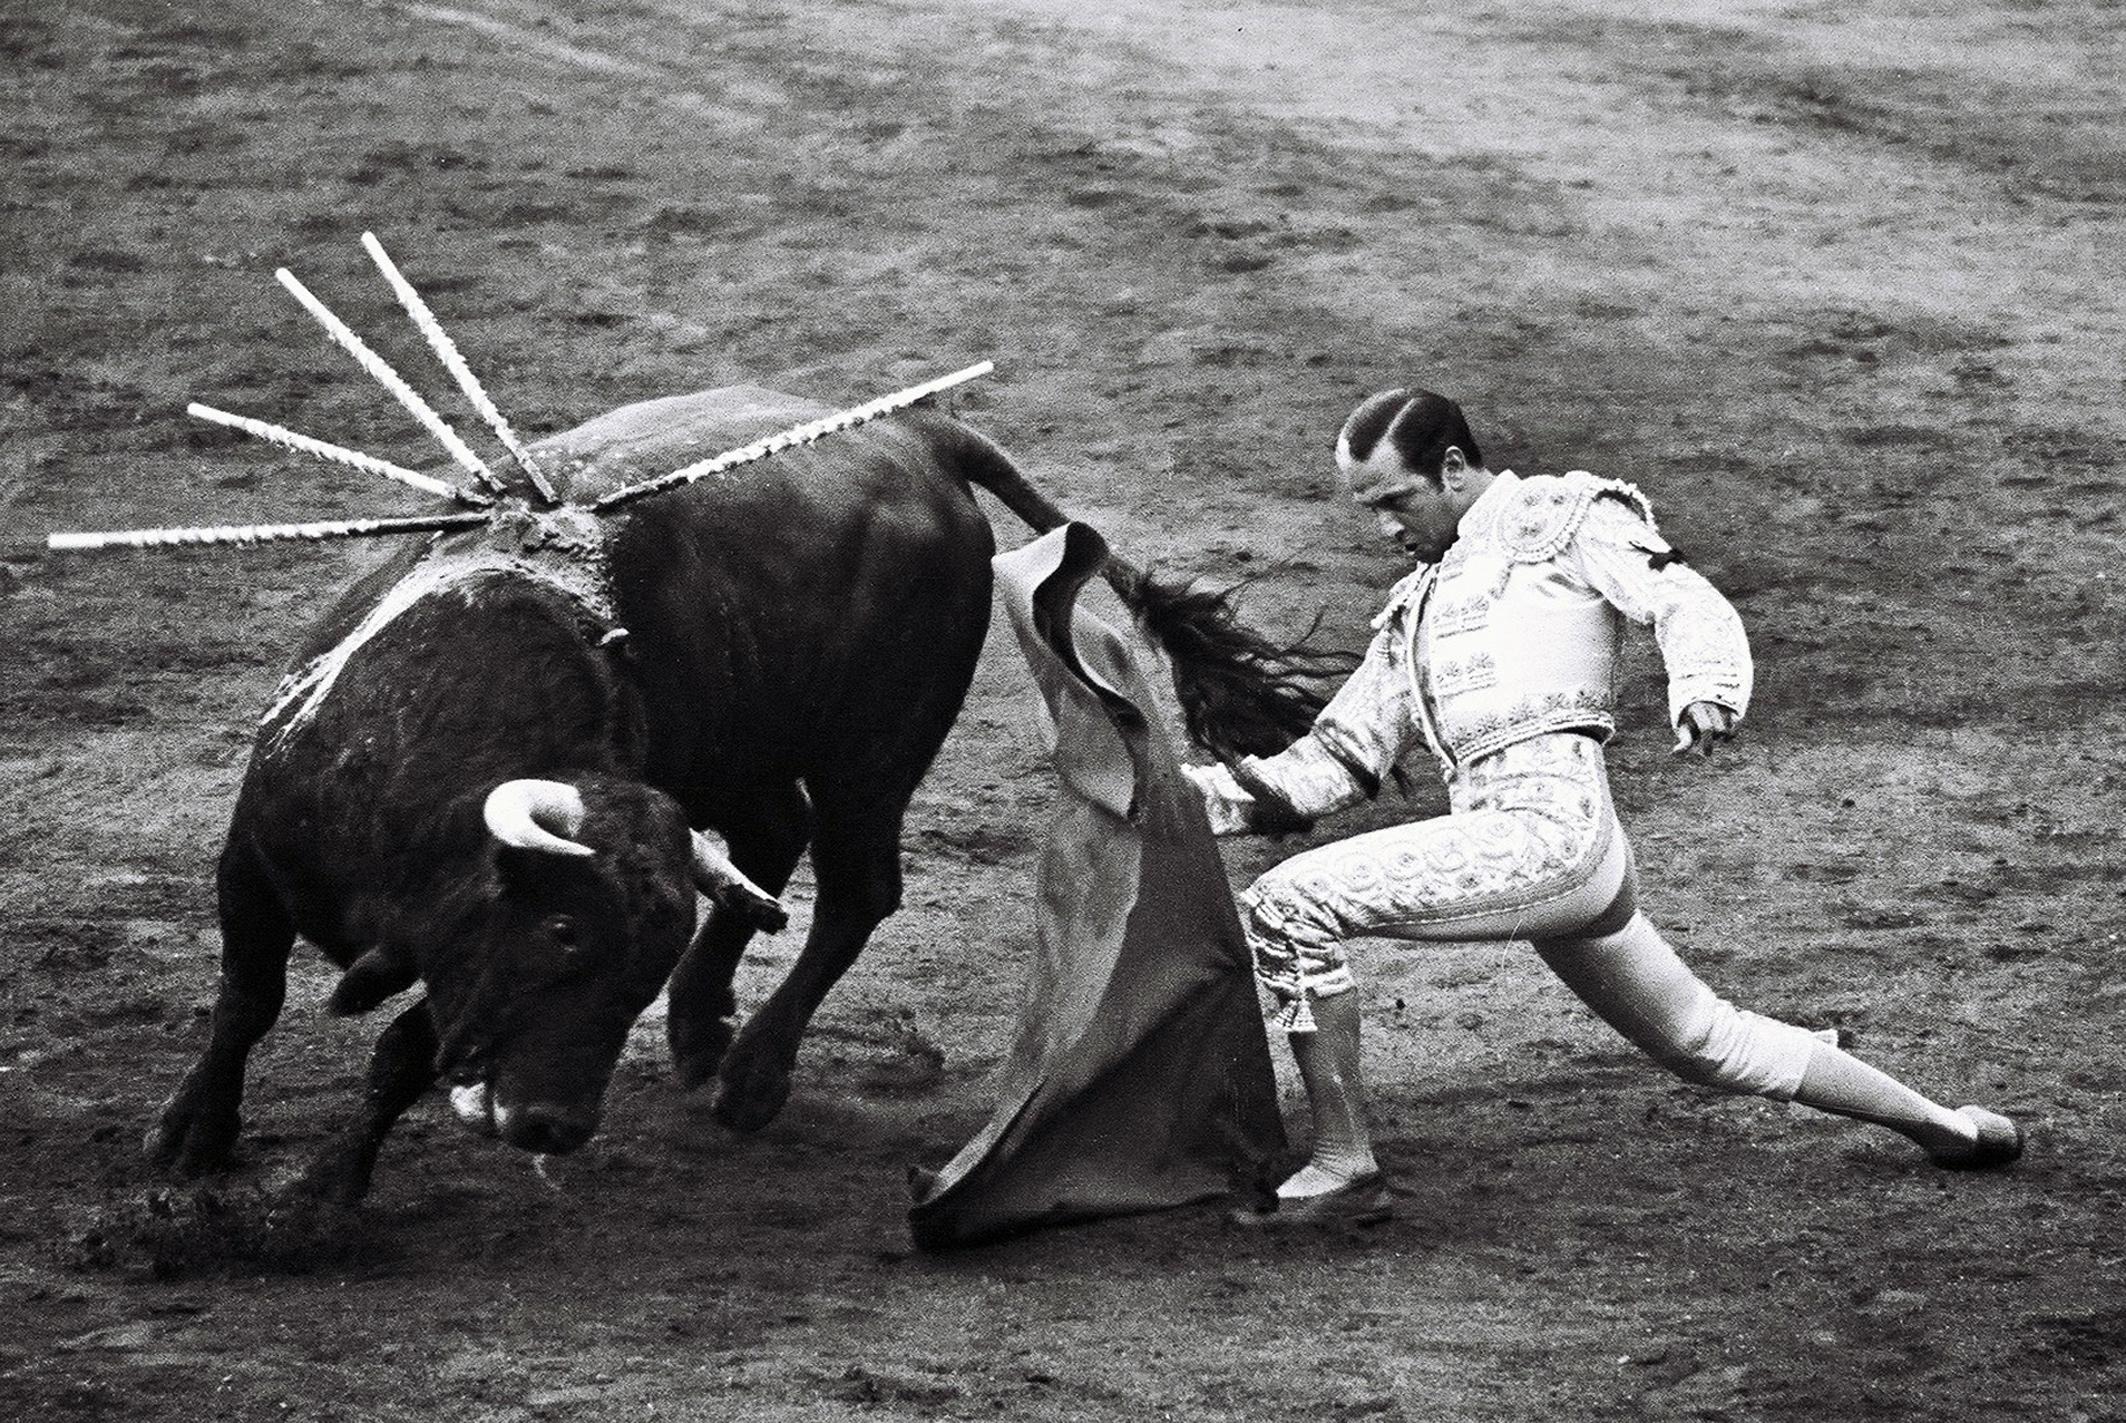 http://javiermanzano.es/wp-content/uploads/2013/05/19670523-DOBLON.jpg